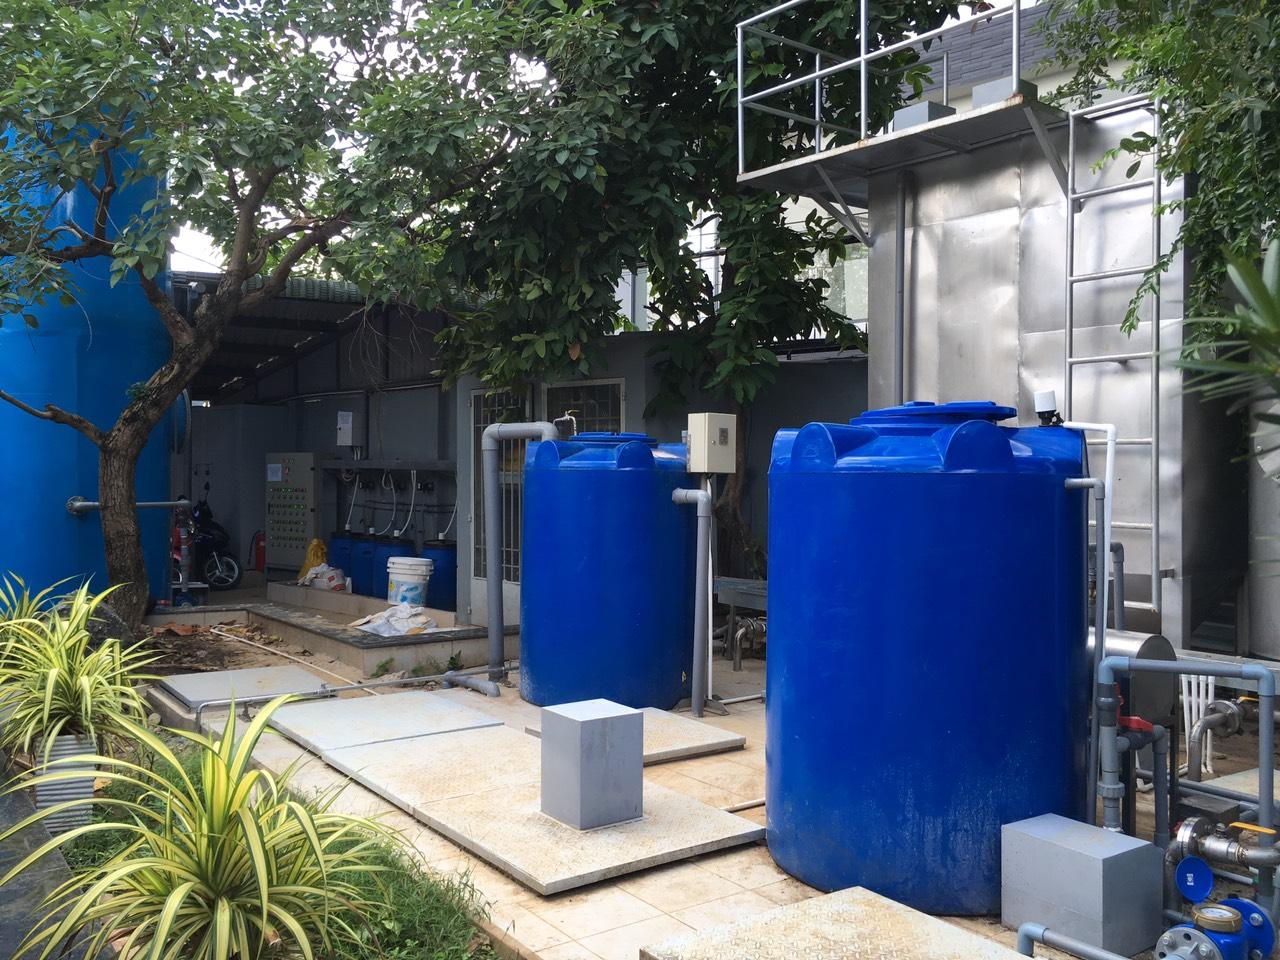 xử lý nước thải nhà máy chế biến nước mắm Liên Thành